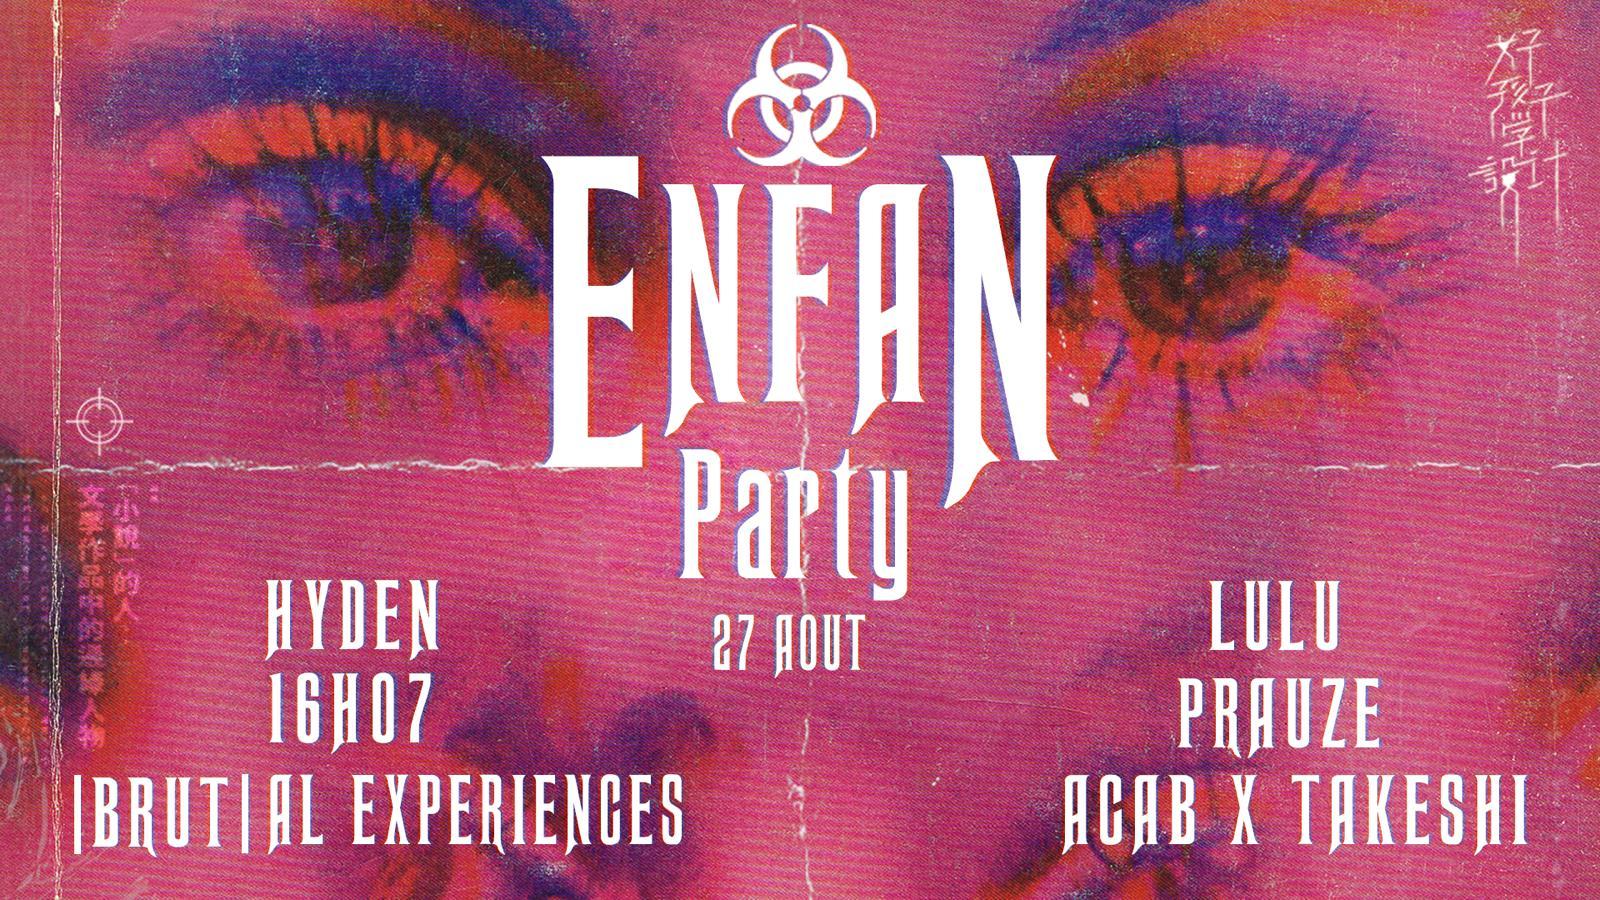 ENFAN PARTY